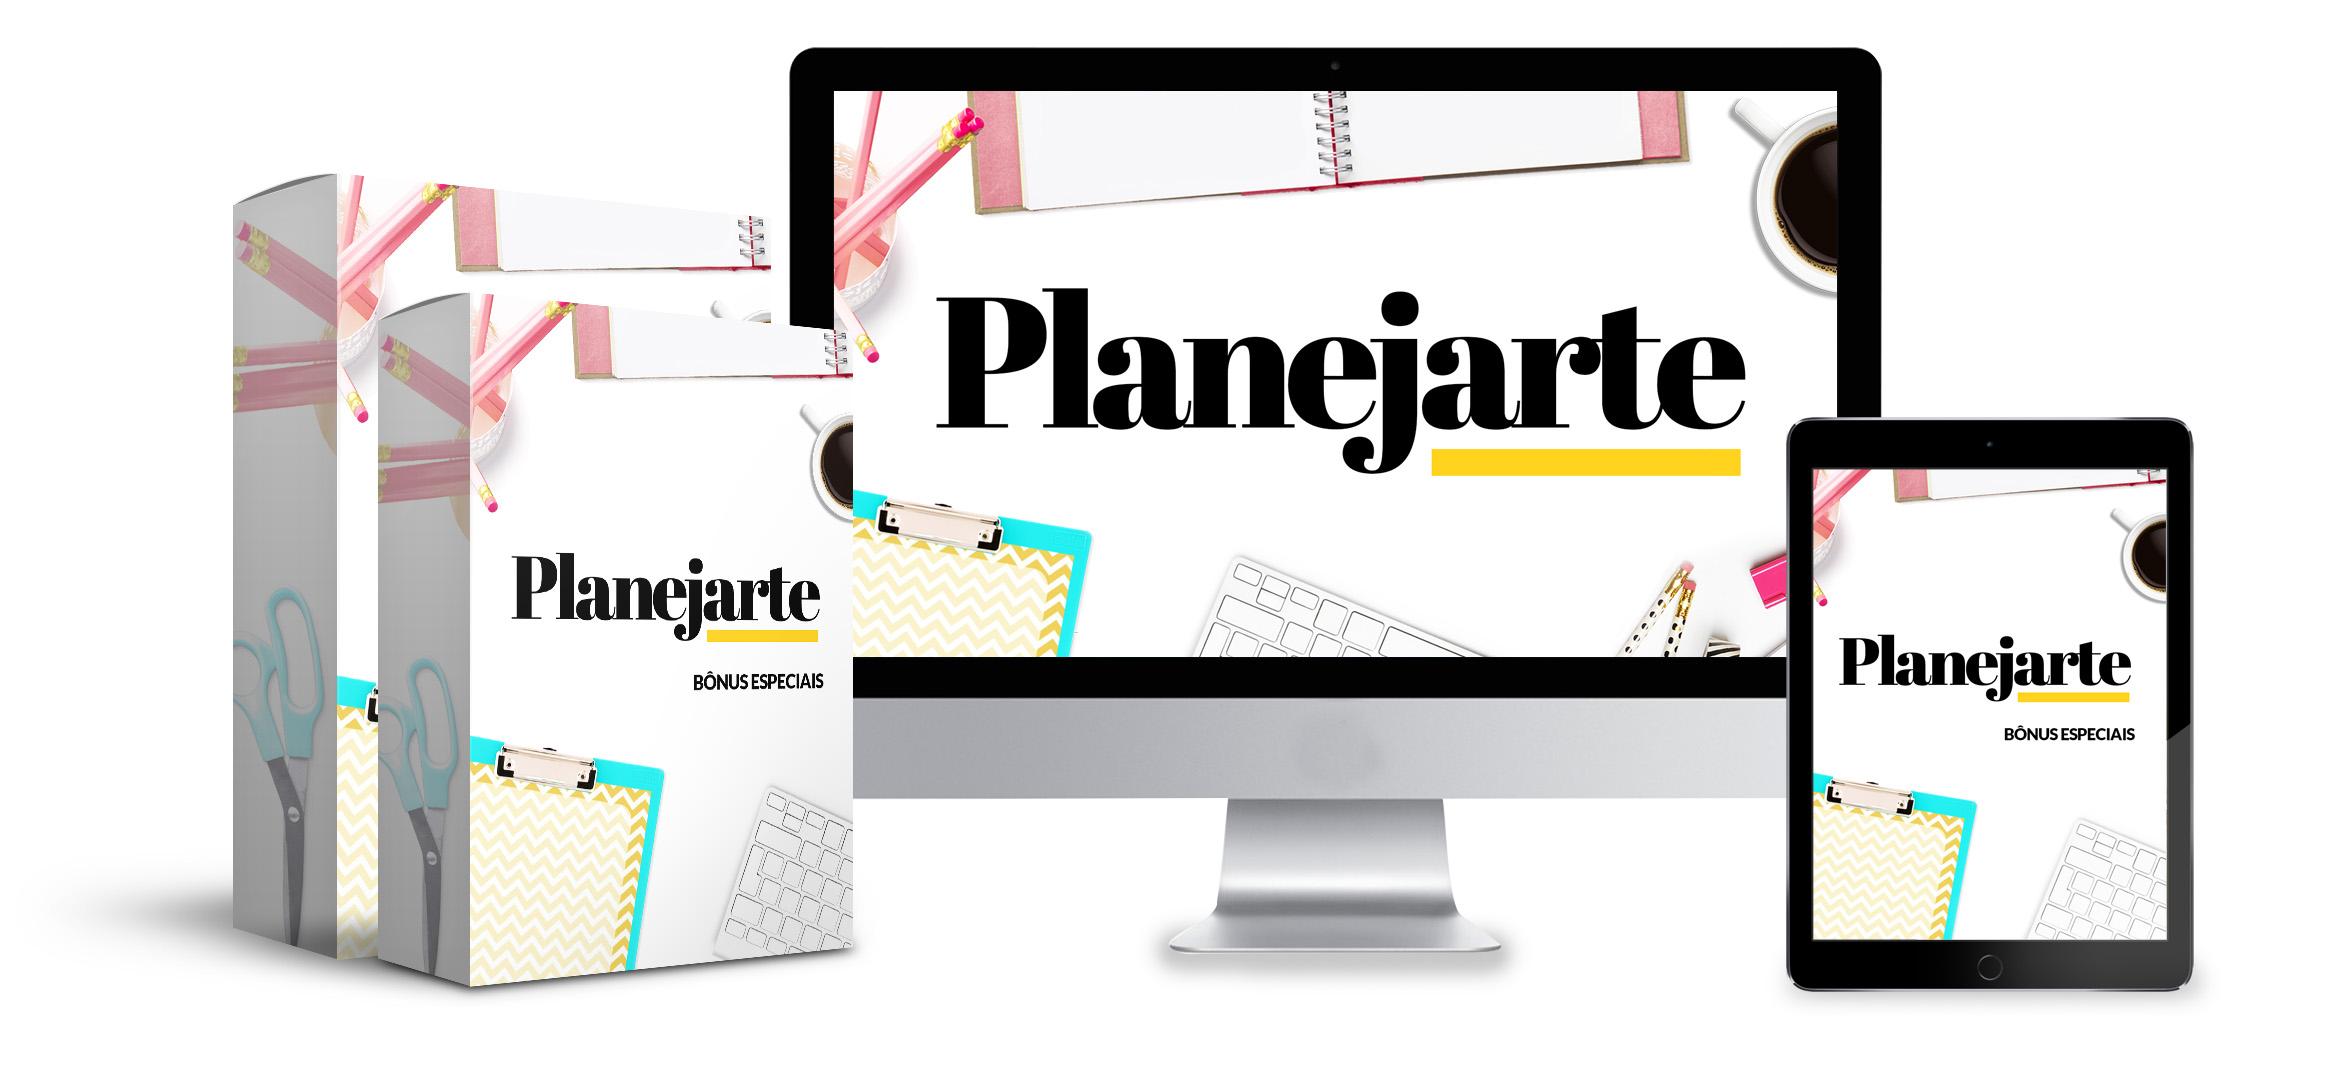 Planejarte - Domine a arte de se planejar administre melhor seu tempo e triplique sua produtividade - Kit Planejarte